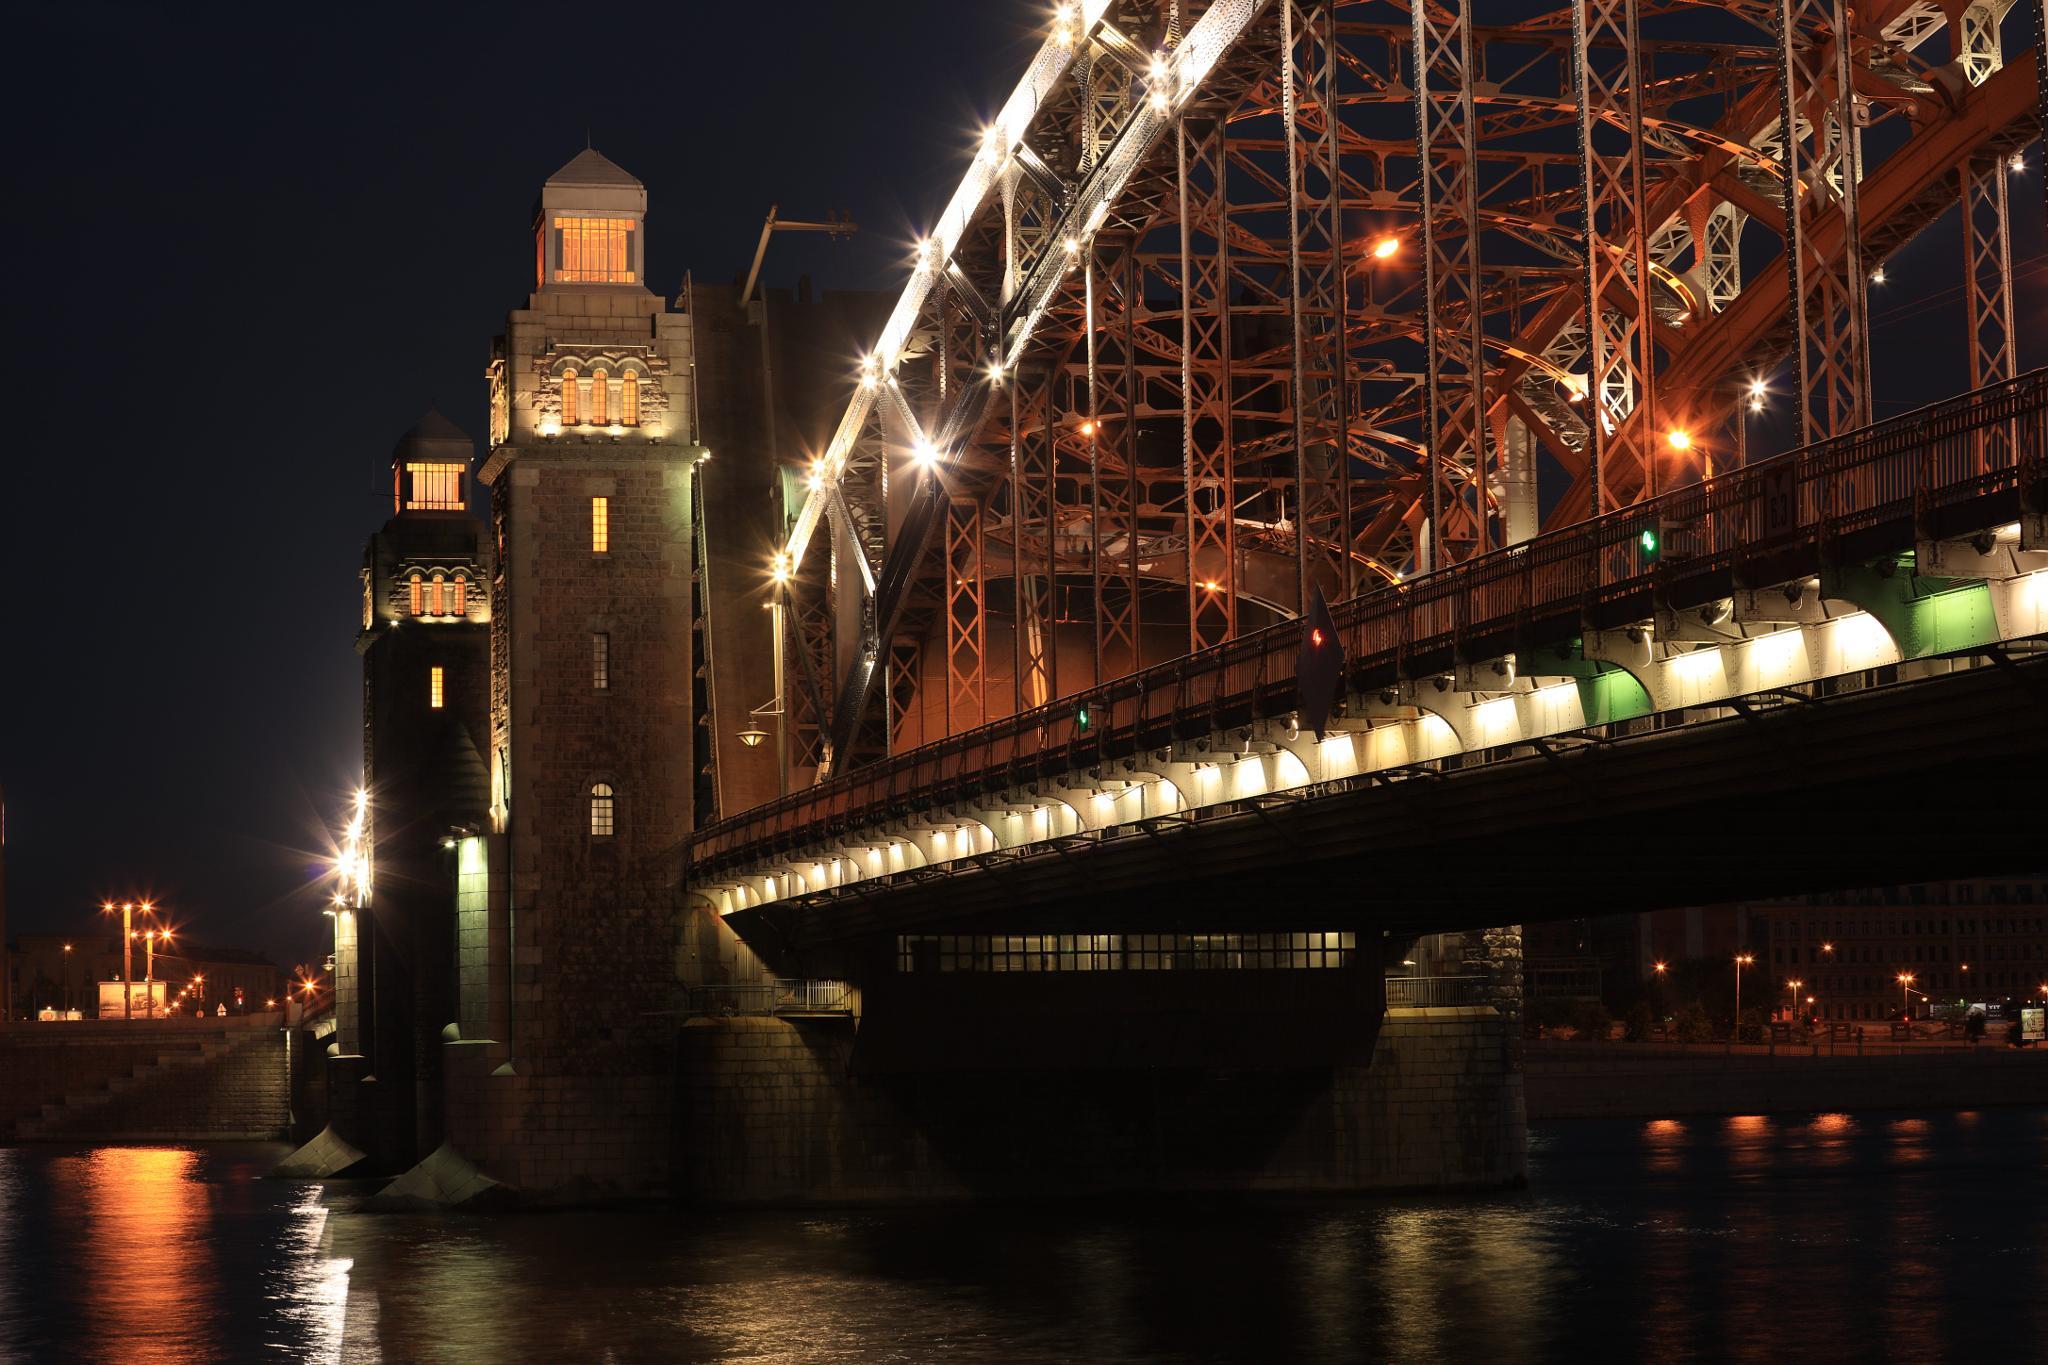 Night bridge by Boris Konovalov